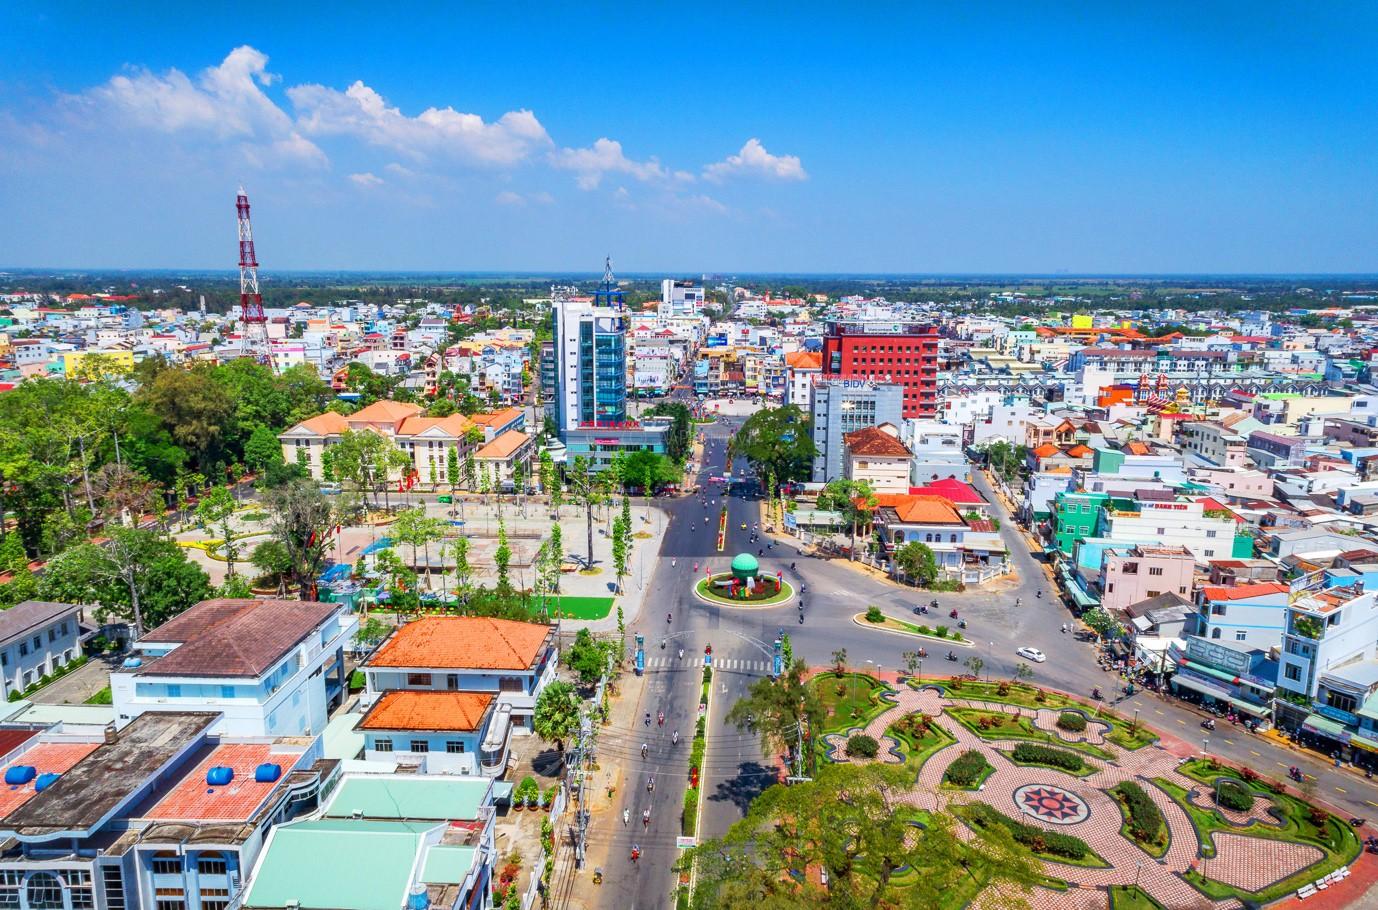 TP. Sóc Trăng được định hướng xây dựng trở thành đô thị loại II; là trung tâm kinh tế, chính trị, văn hóa, xã hội, khoa học kỹ thuật, an ninh quốc phòng của tỉnh Sóc Trăng.